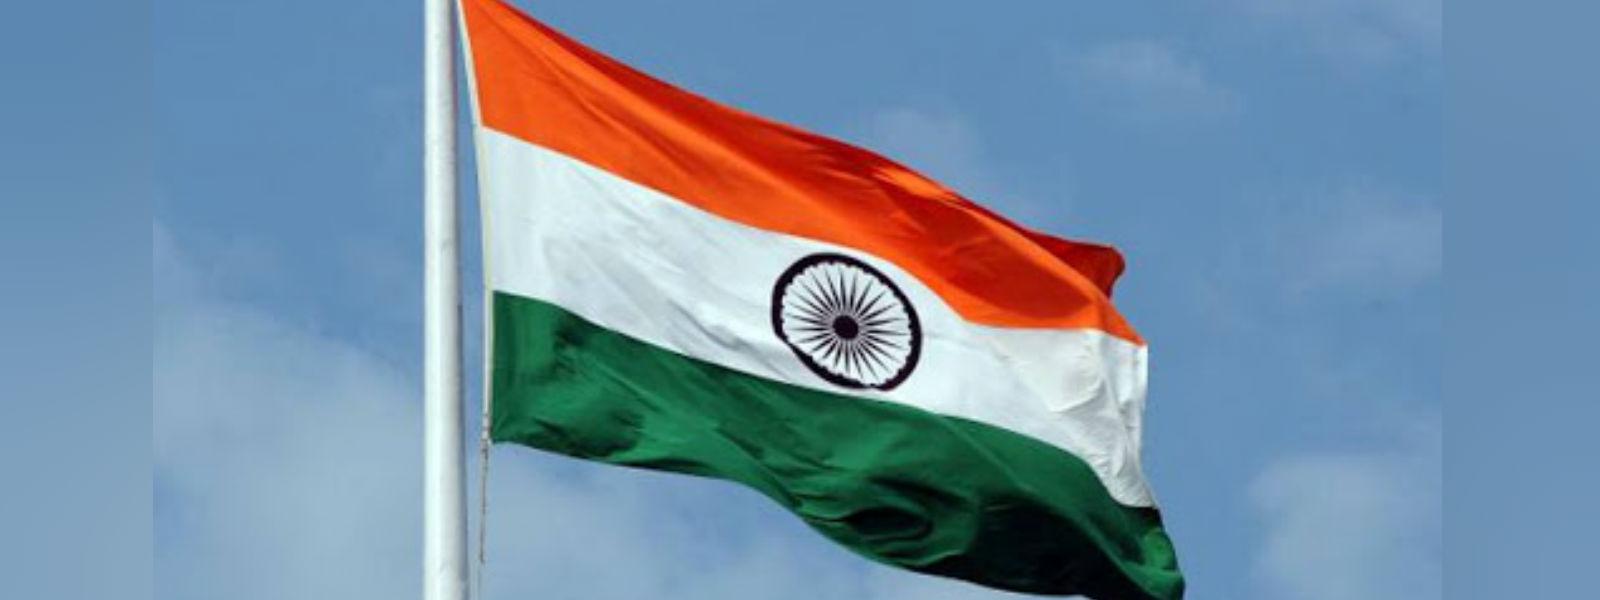 ஐ.நா. பாதுகாப்பு பேரவையின் நிரந்தரமற்ற உறுப்பினராக இந்தியா தெரிவு